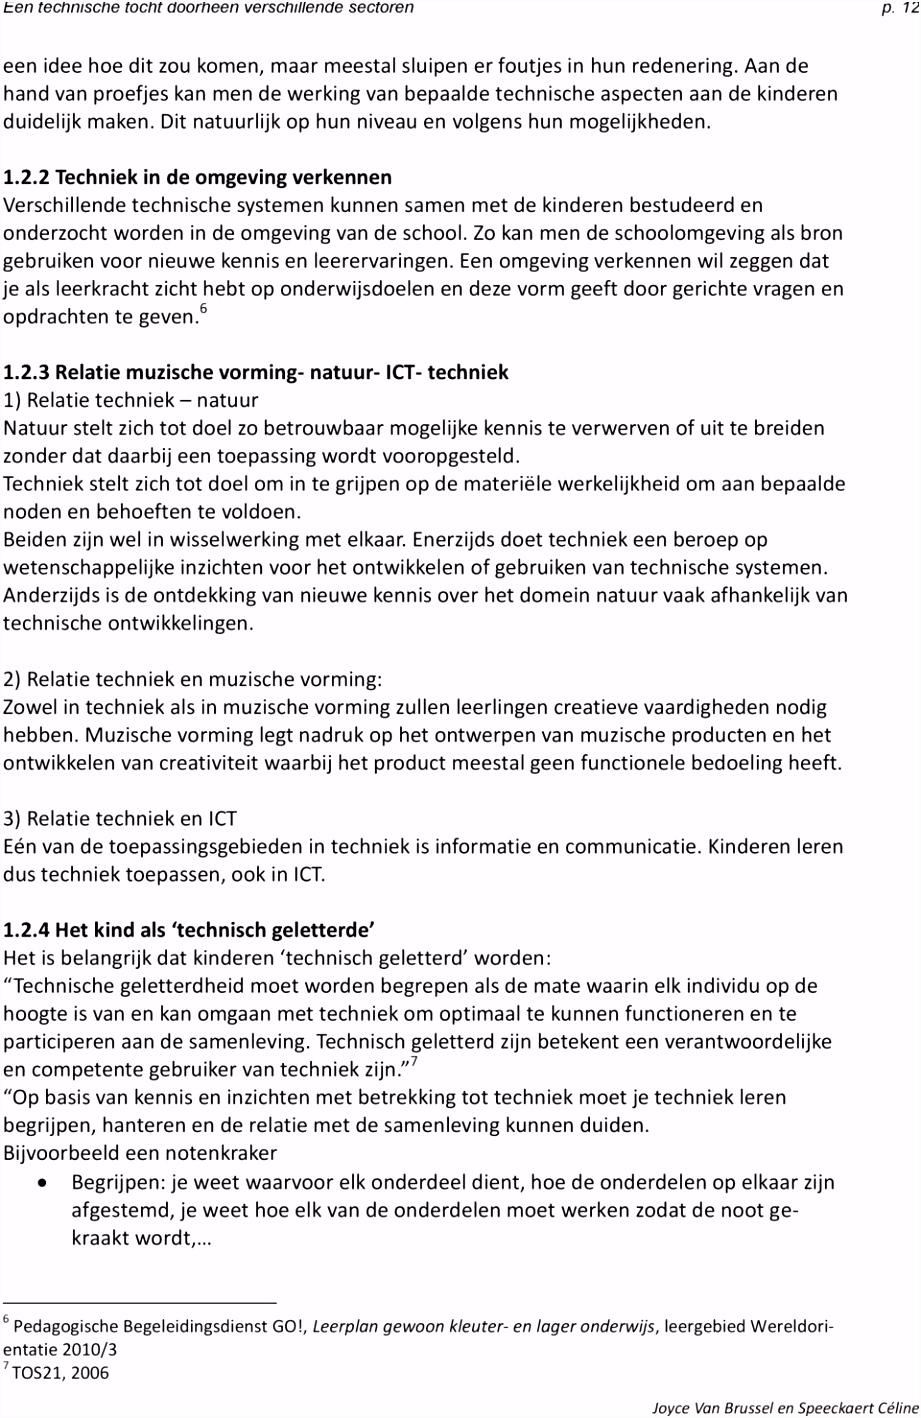 EEN TECHNISCHE TOCHT DOORHEEN VERSCHILLENDE SECTOREN PDF